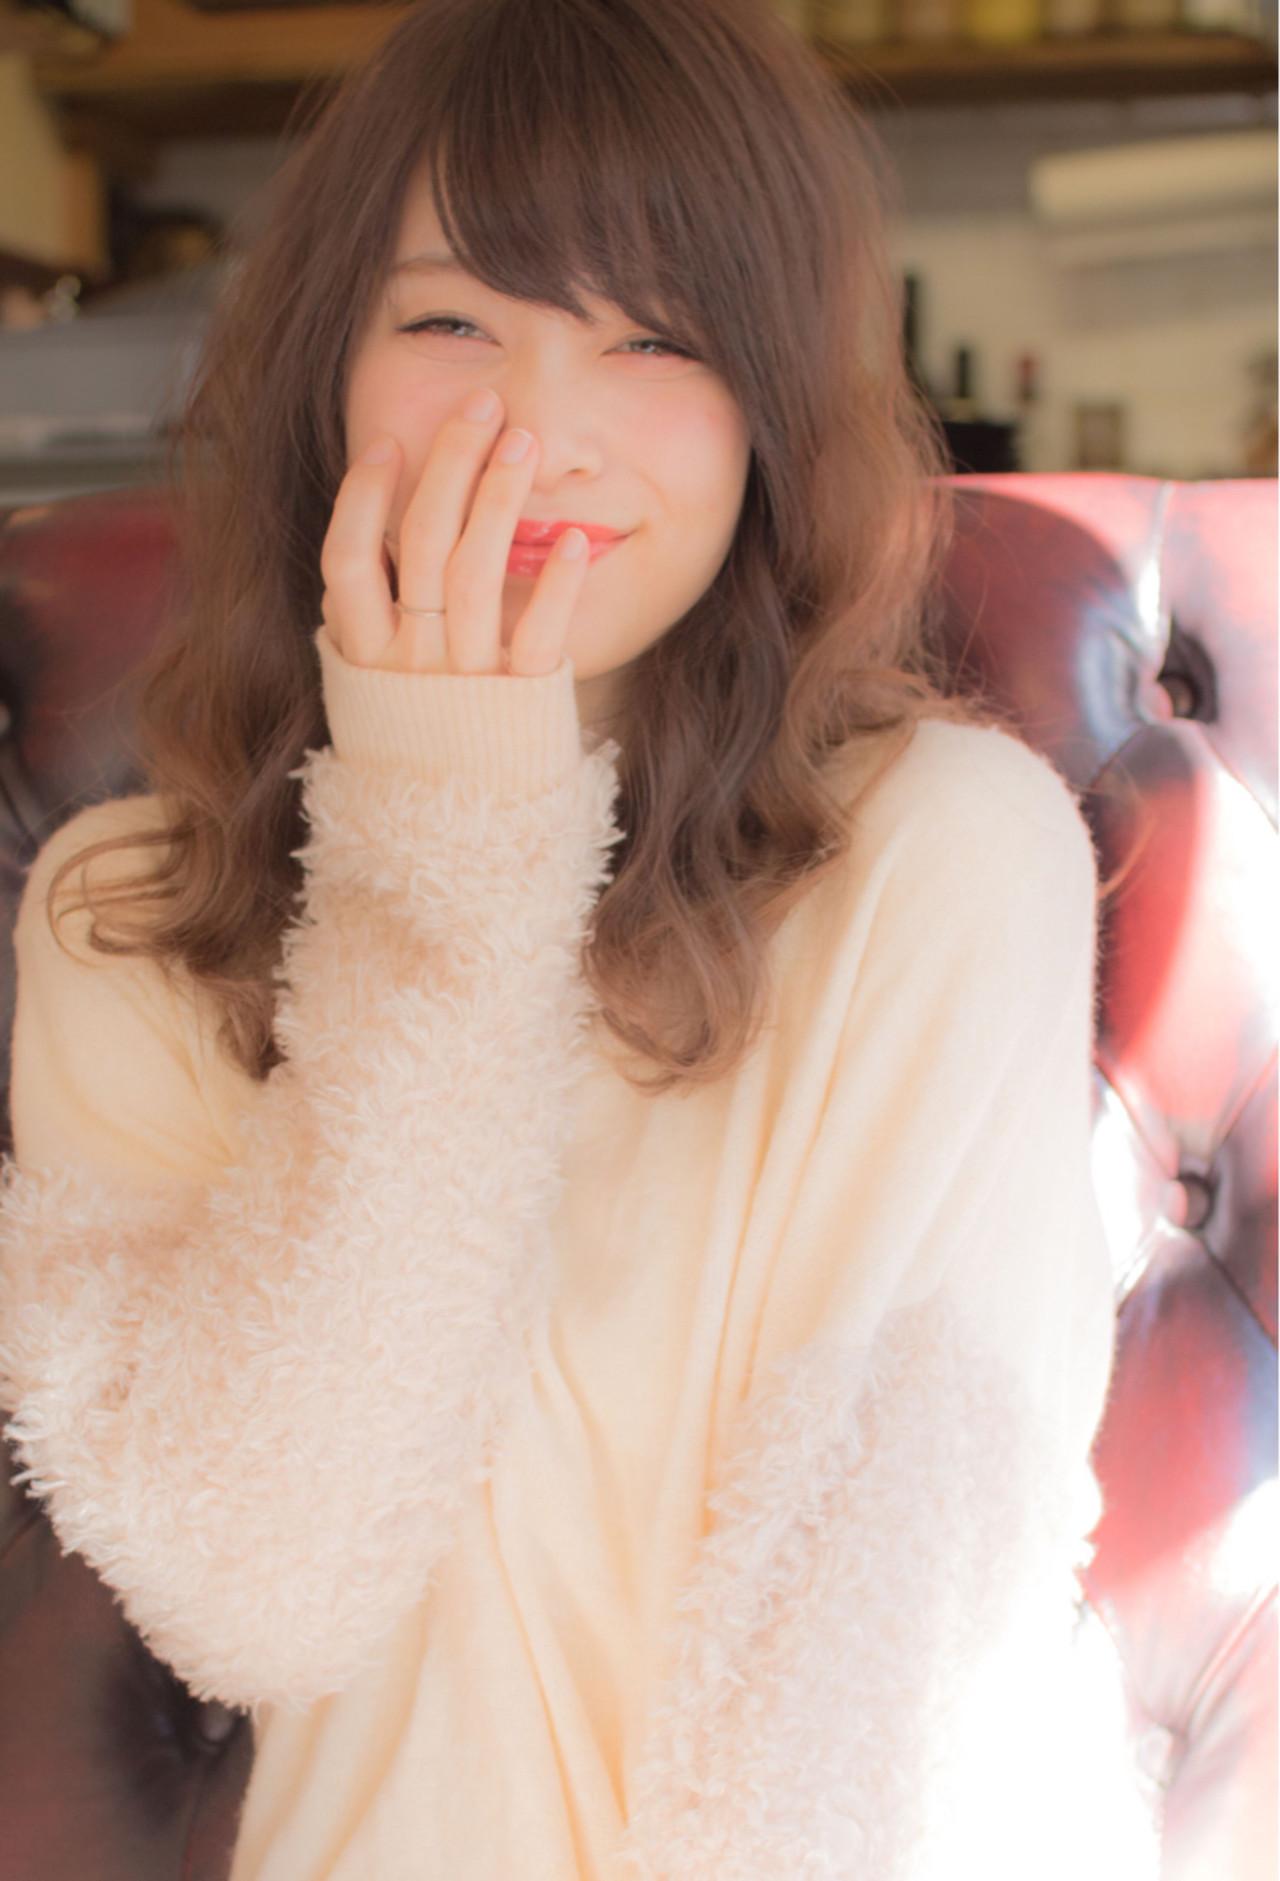 ふわふわ感がたまらない。パ―マで憧れのドーリーガールに♡ 遠藤 駿 / Lond